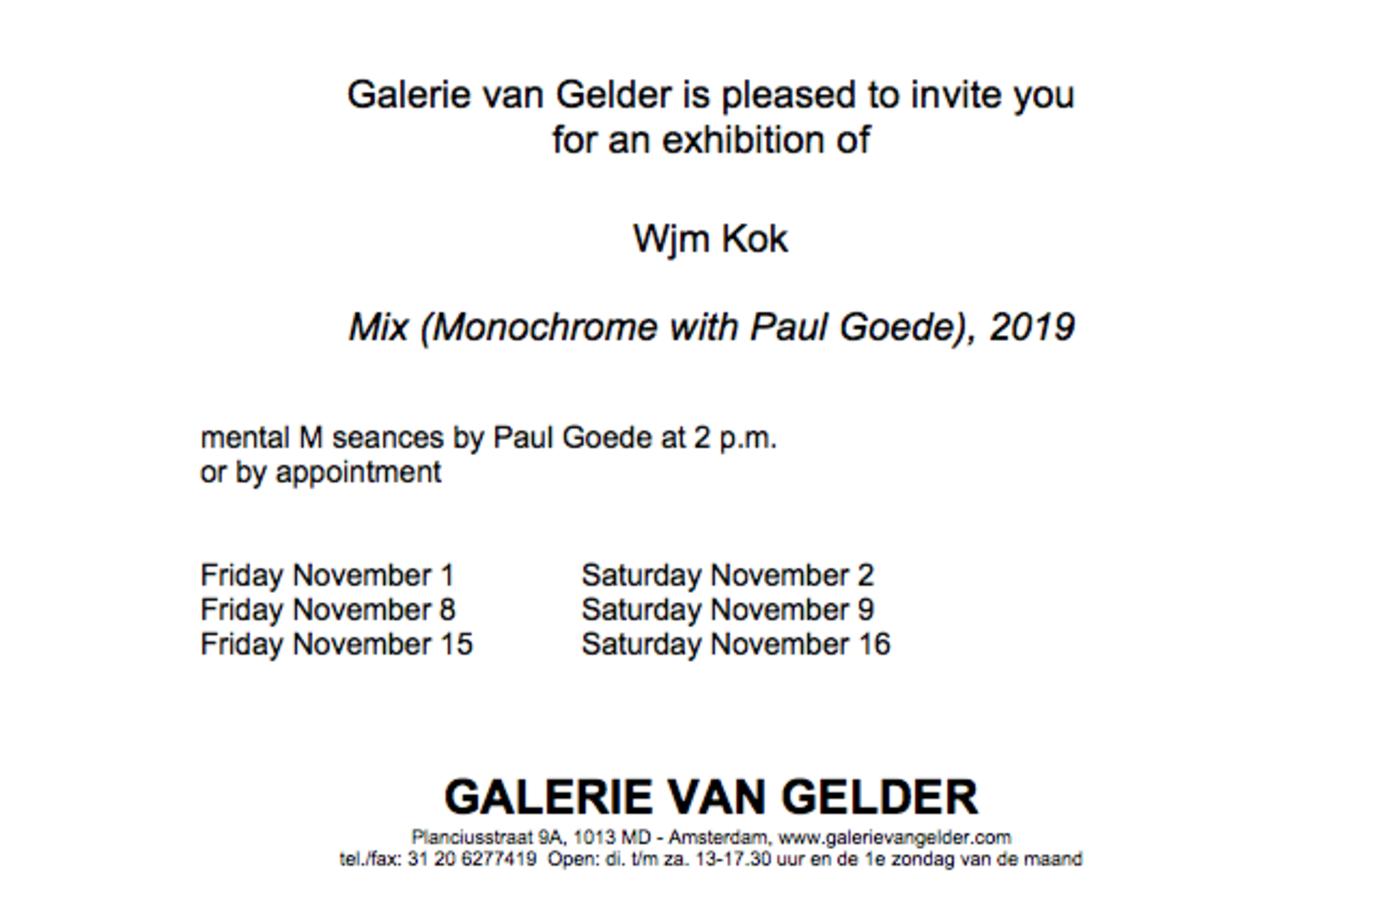 Mix (Monochrome with Paul Goede), 2019, Wjm Kok,